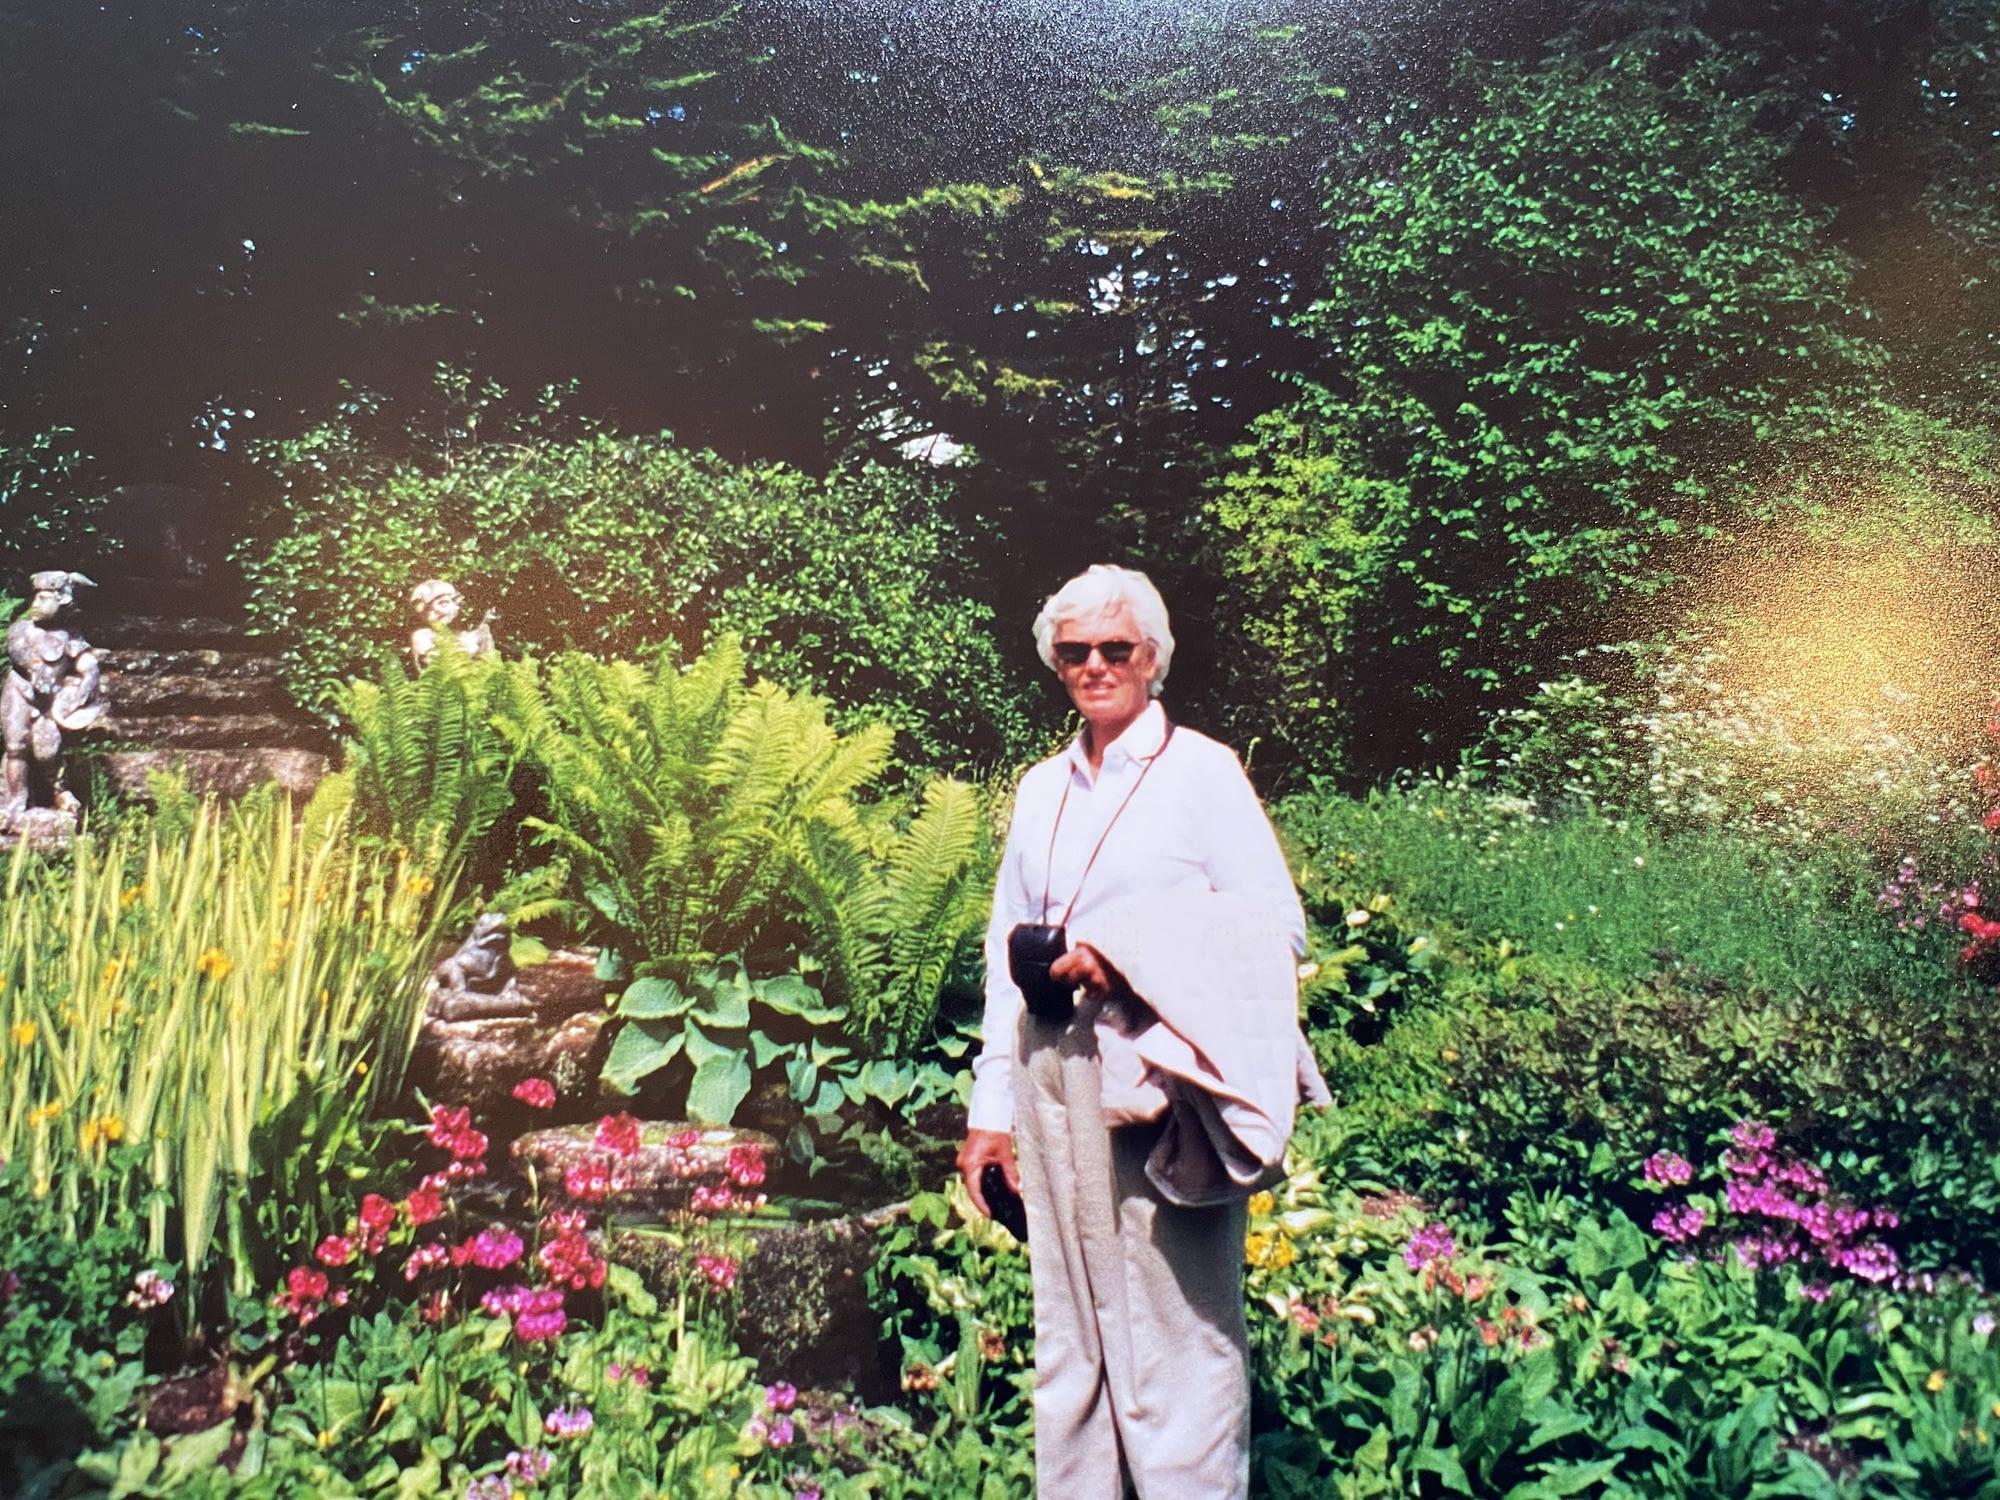 Mom in a lush garden